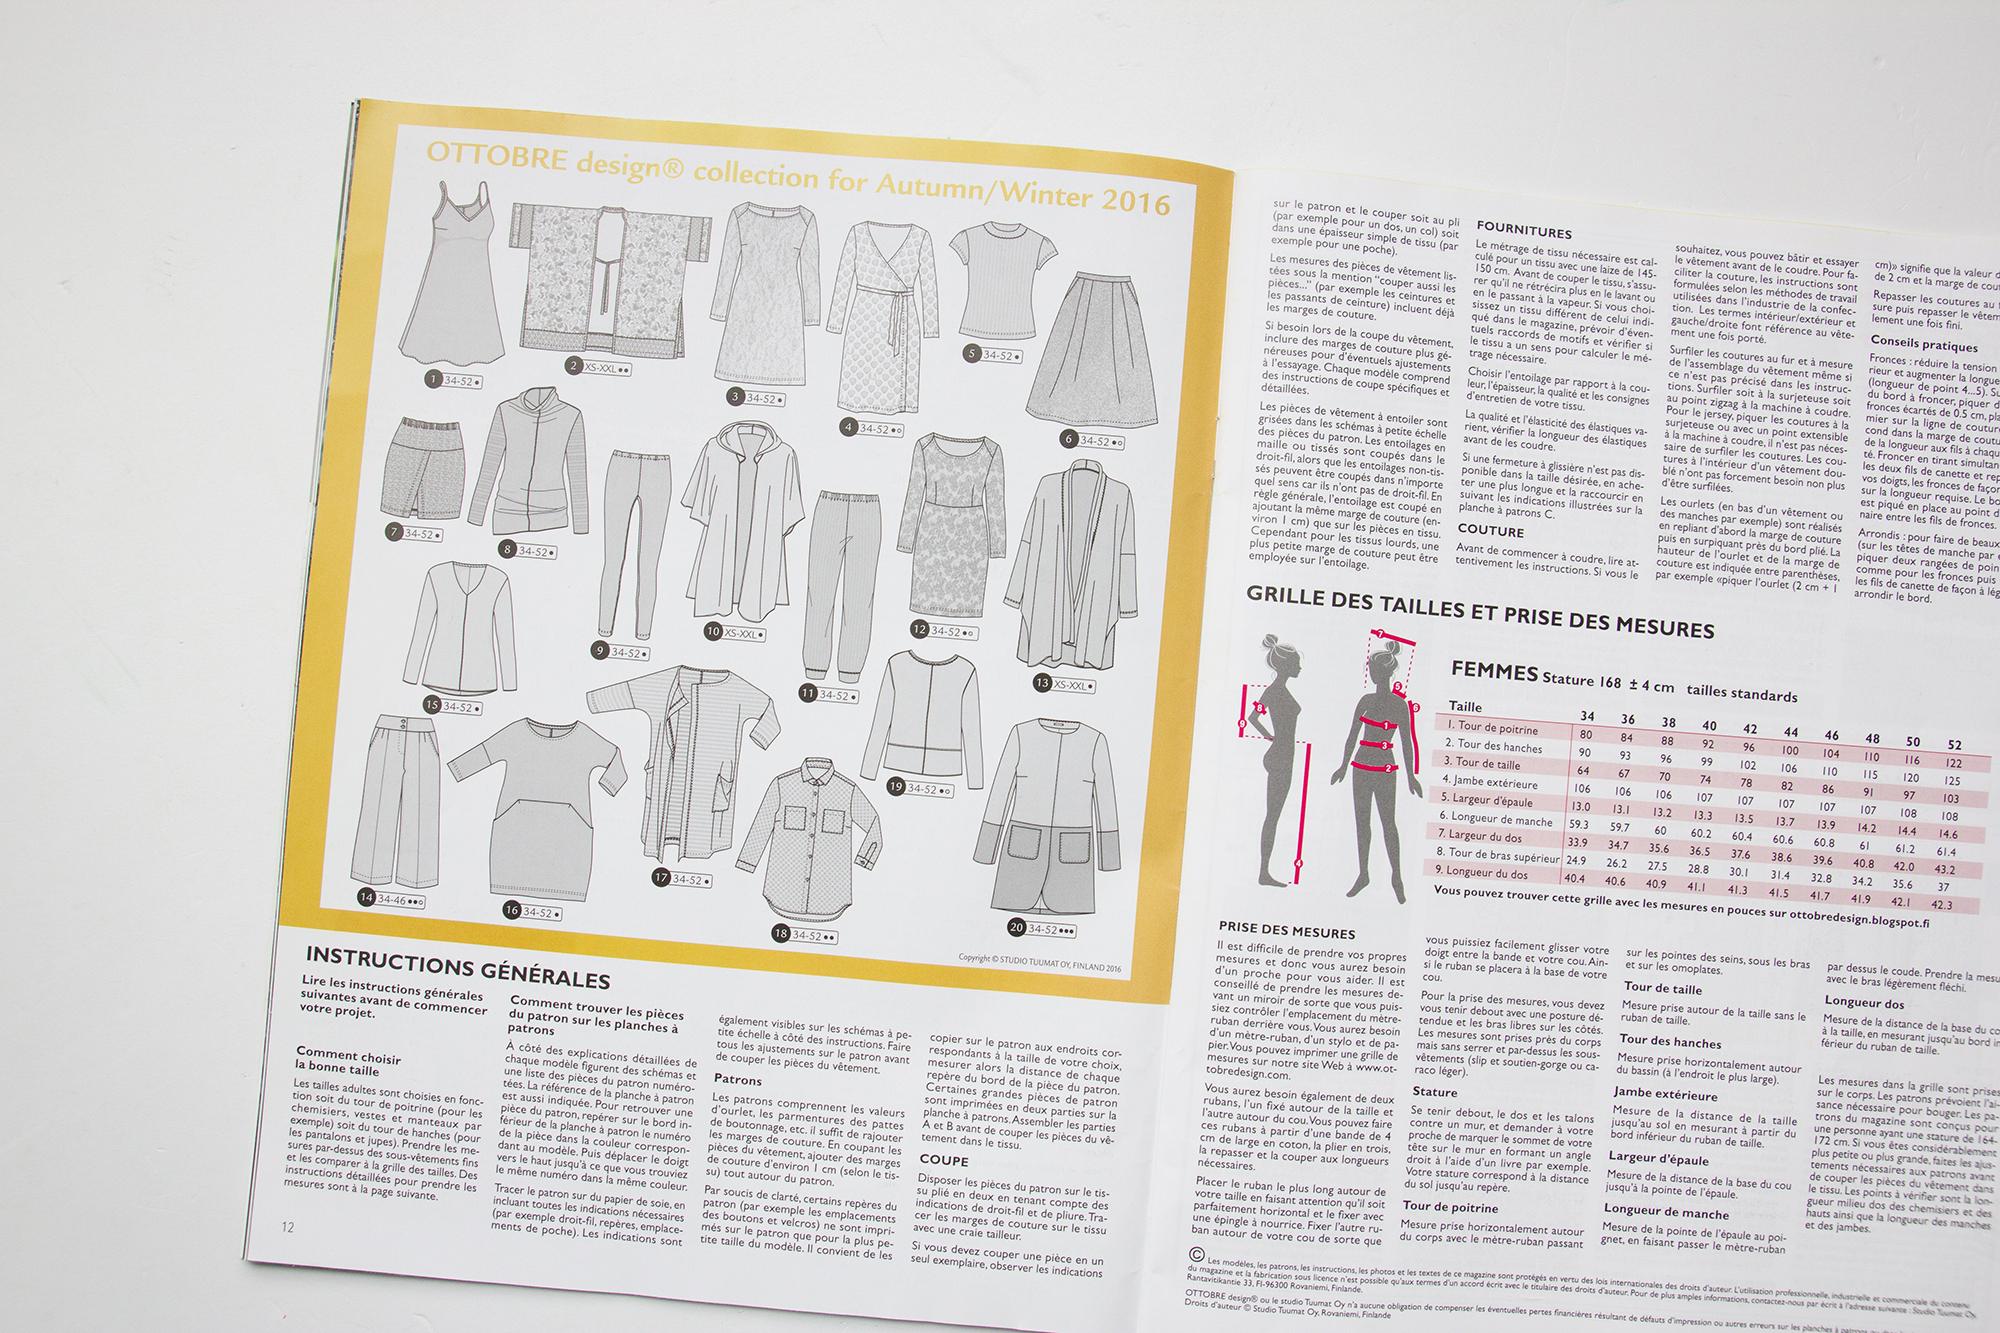 Ottobre modèle t-shirt 2016